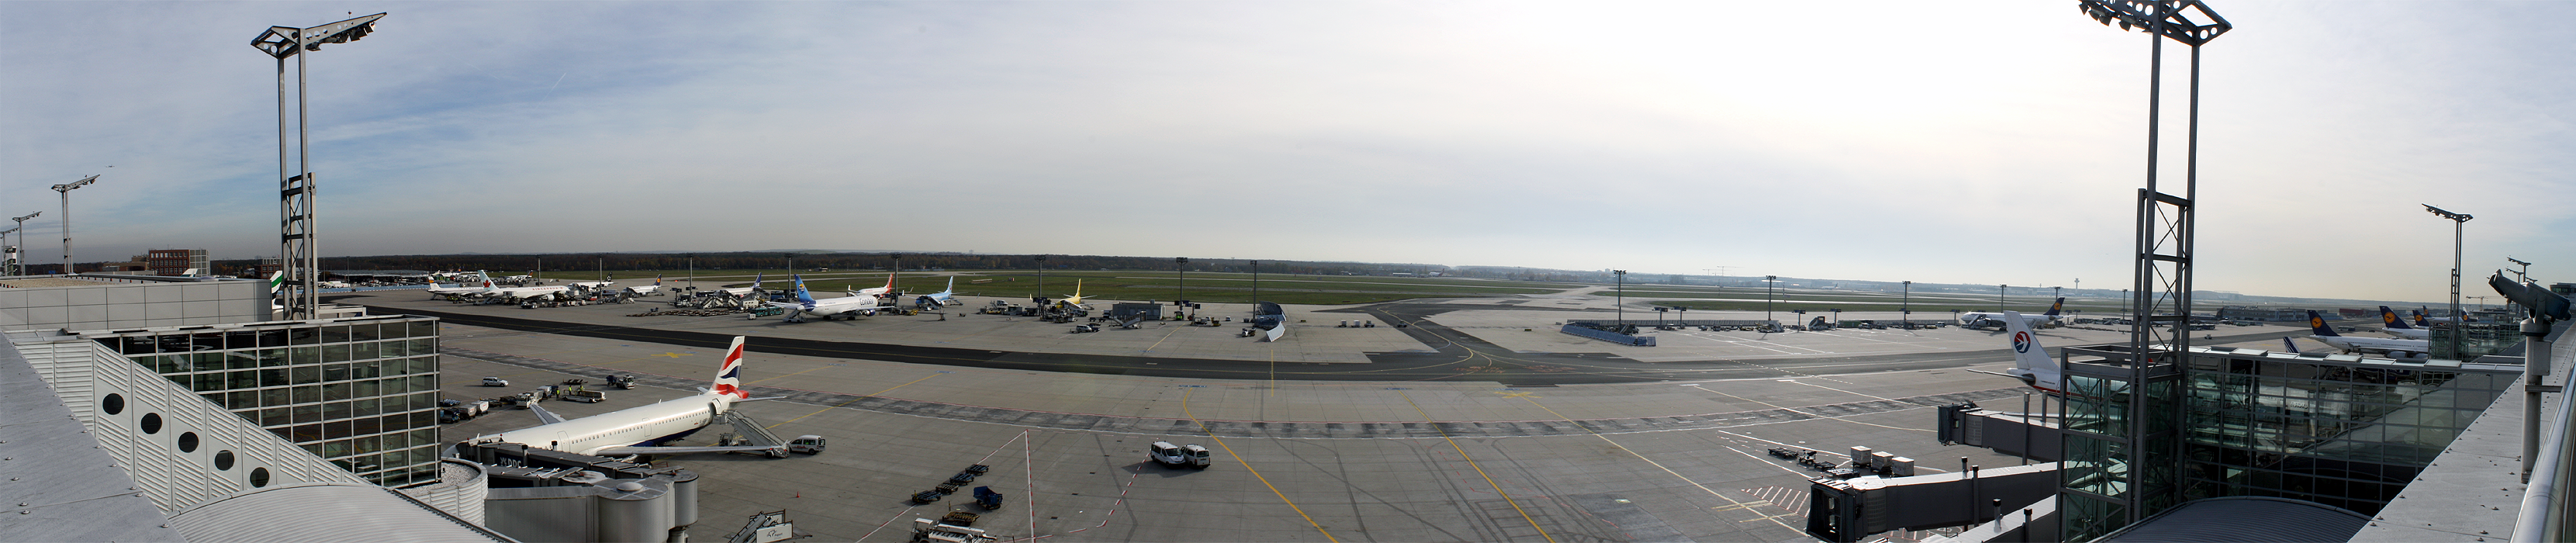 Dateibesucherterrasse Flughafen Frankfurt Am Mainpng Wikipedia